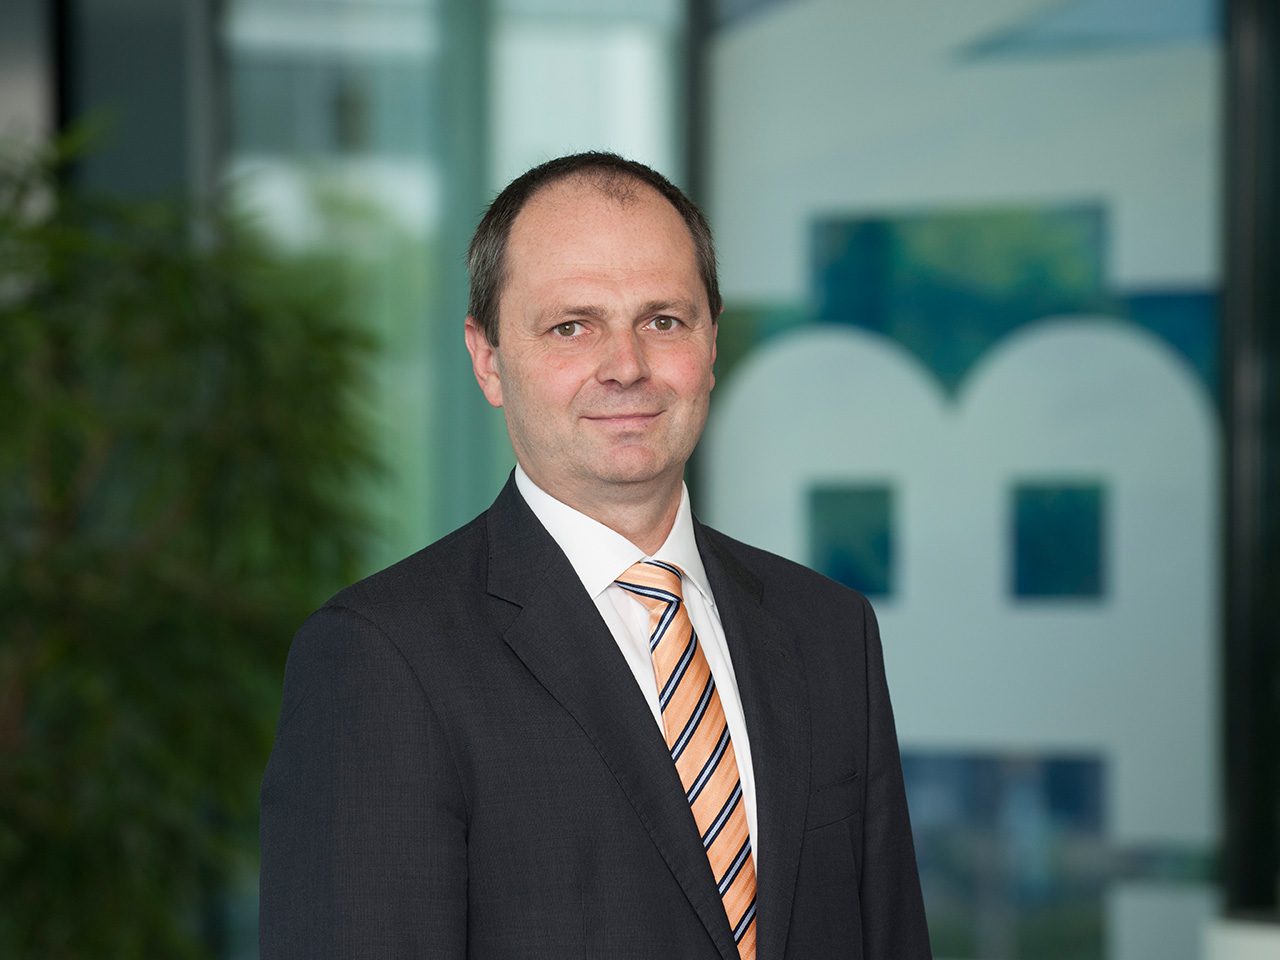 Markus Koerner, Geschäftsführer Beratungssparte Global Business Services bei IBM. (Bild: IBM)